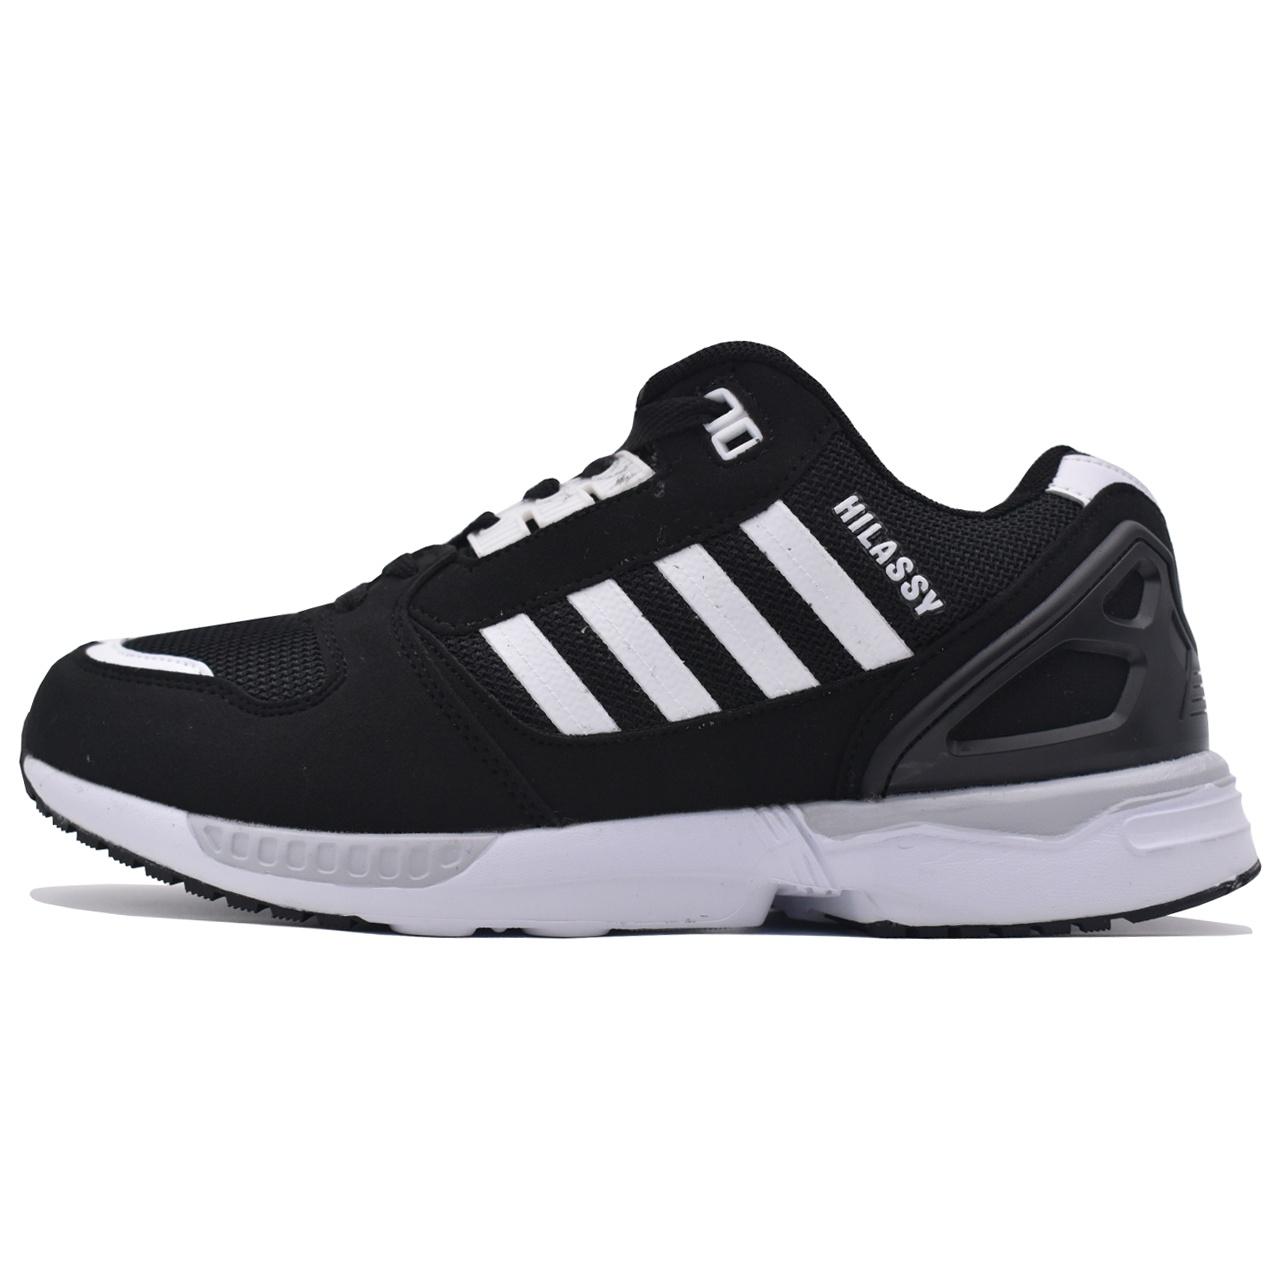 کفش مخصوص پیاده روی مردانه هیلاسی کد HIL3